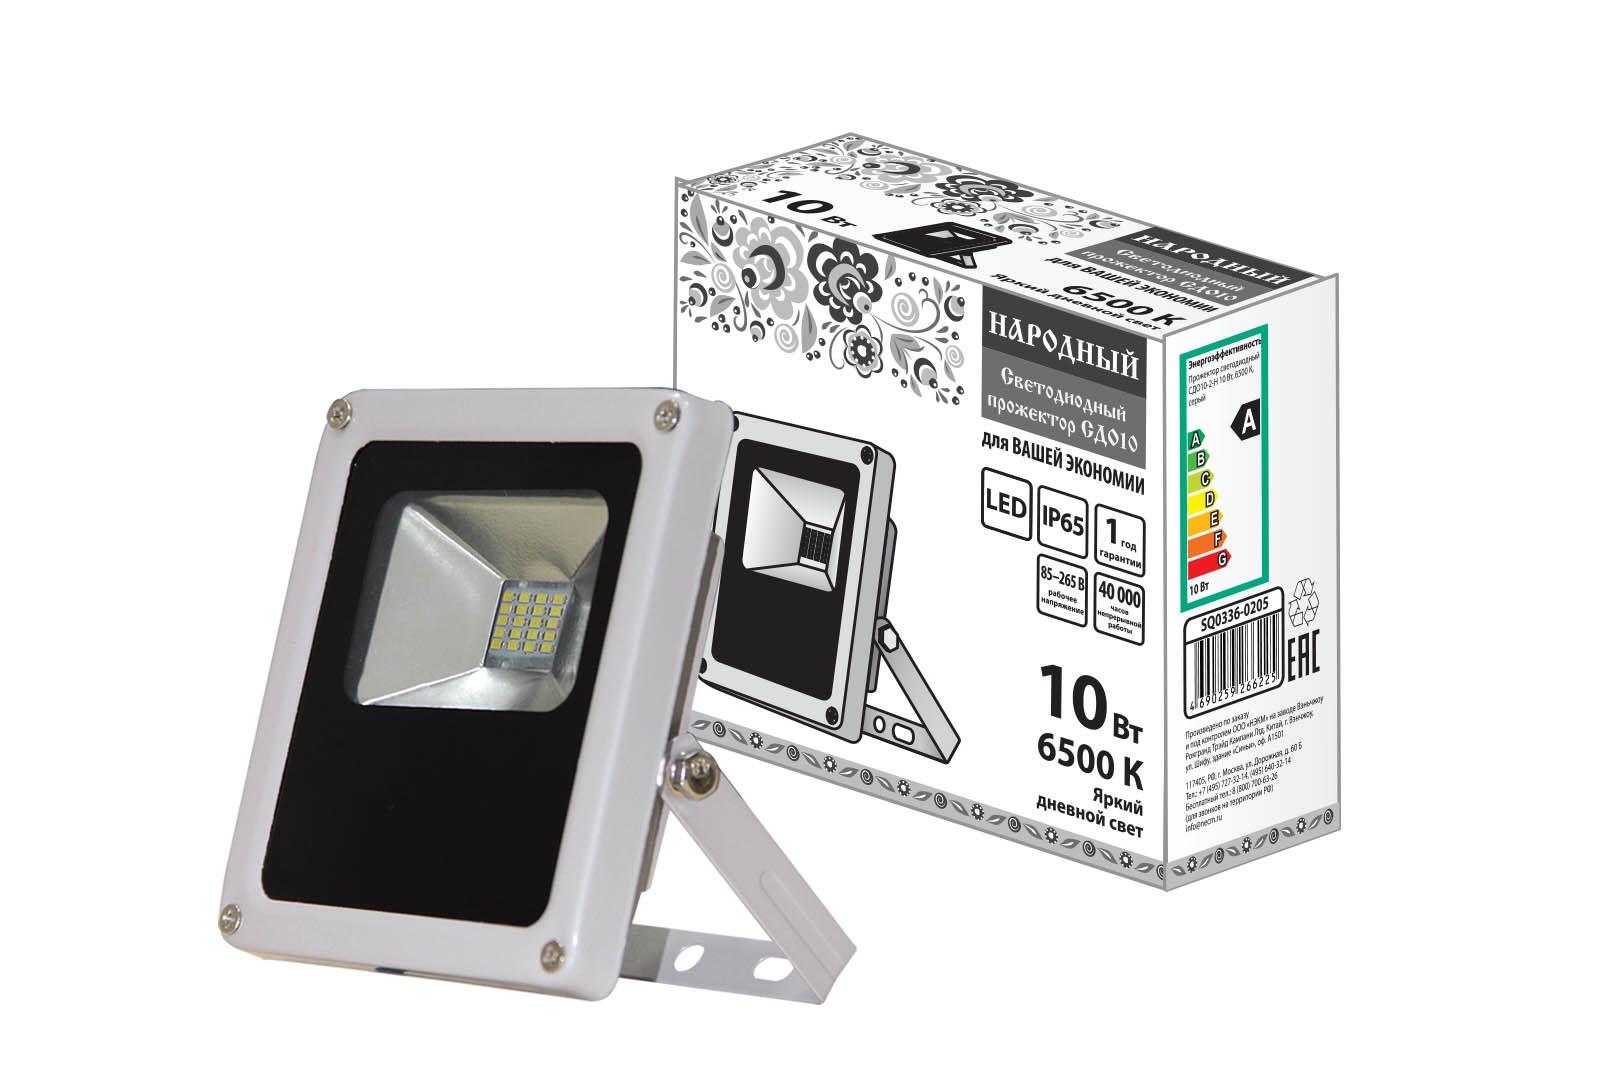 Фото Прожектор светодиодный СДО10-2-Н 10 Вт, 6500 К, серый {SQ0336-0205}